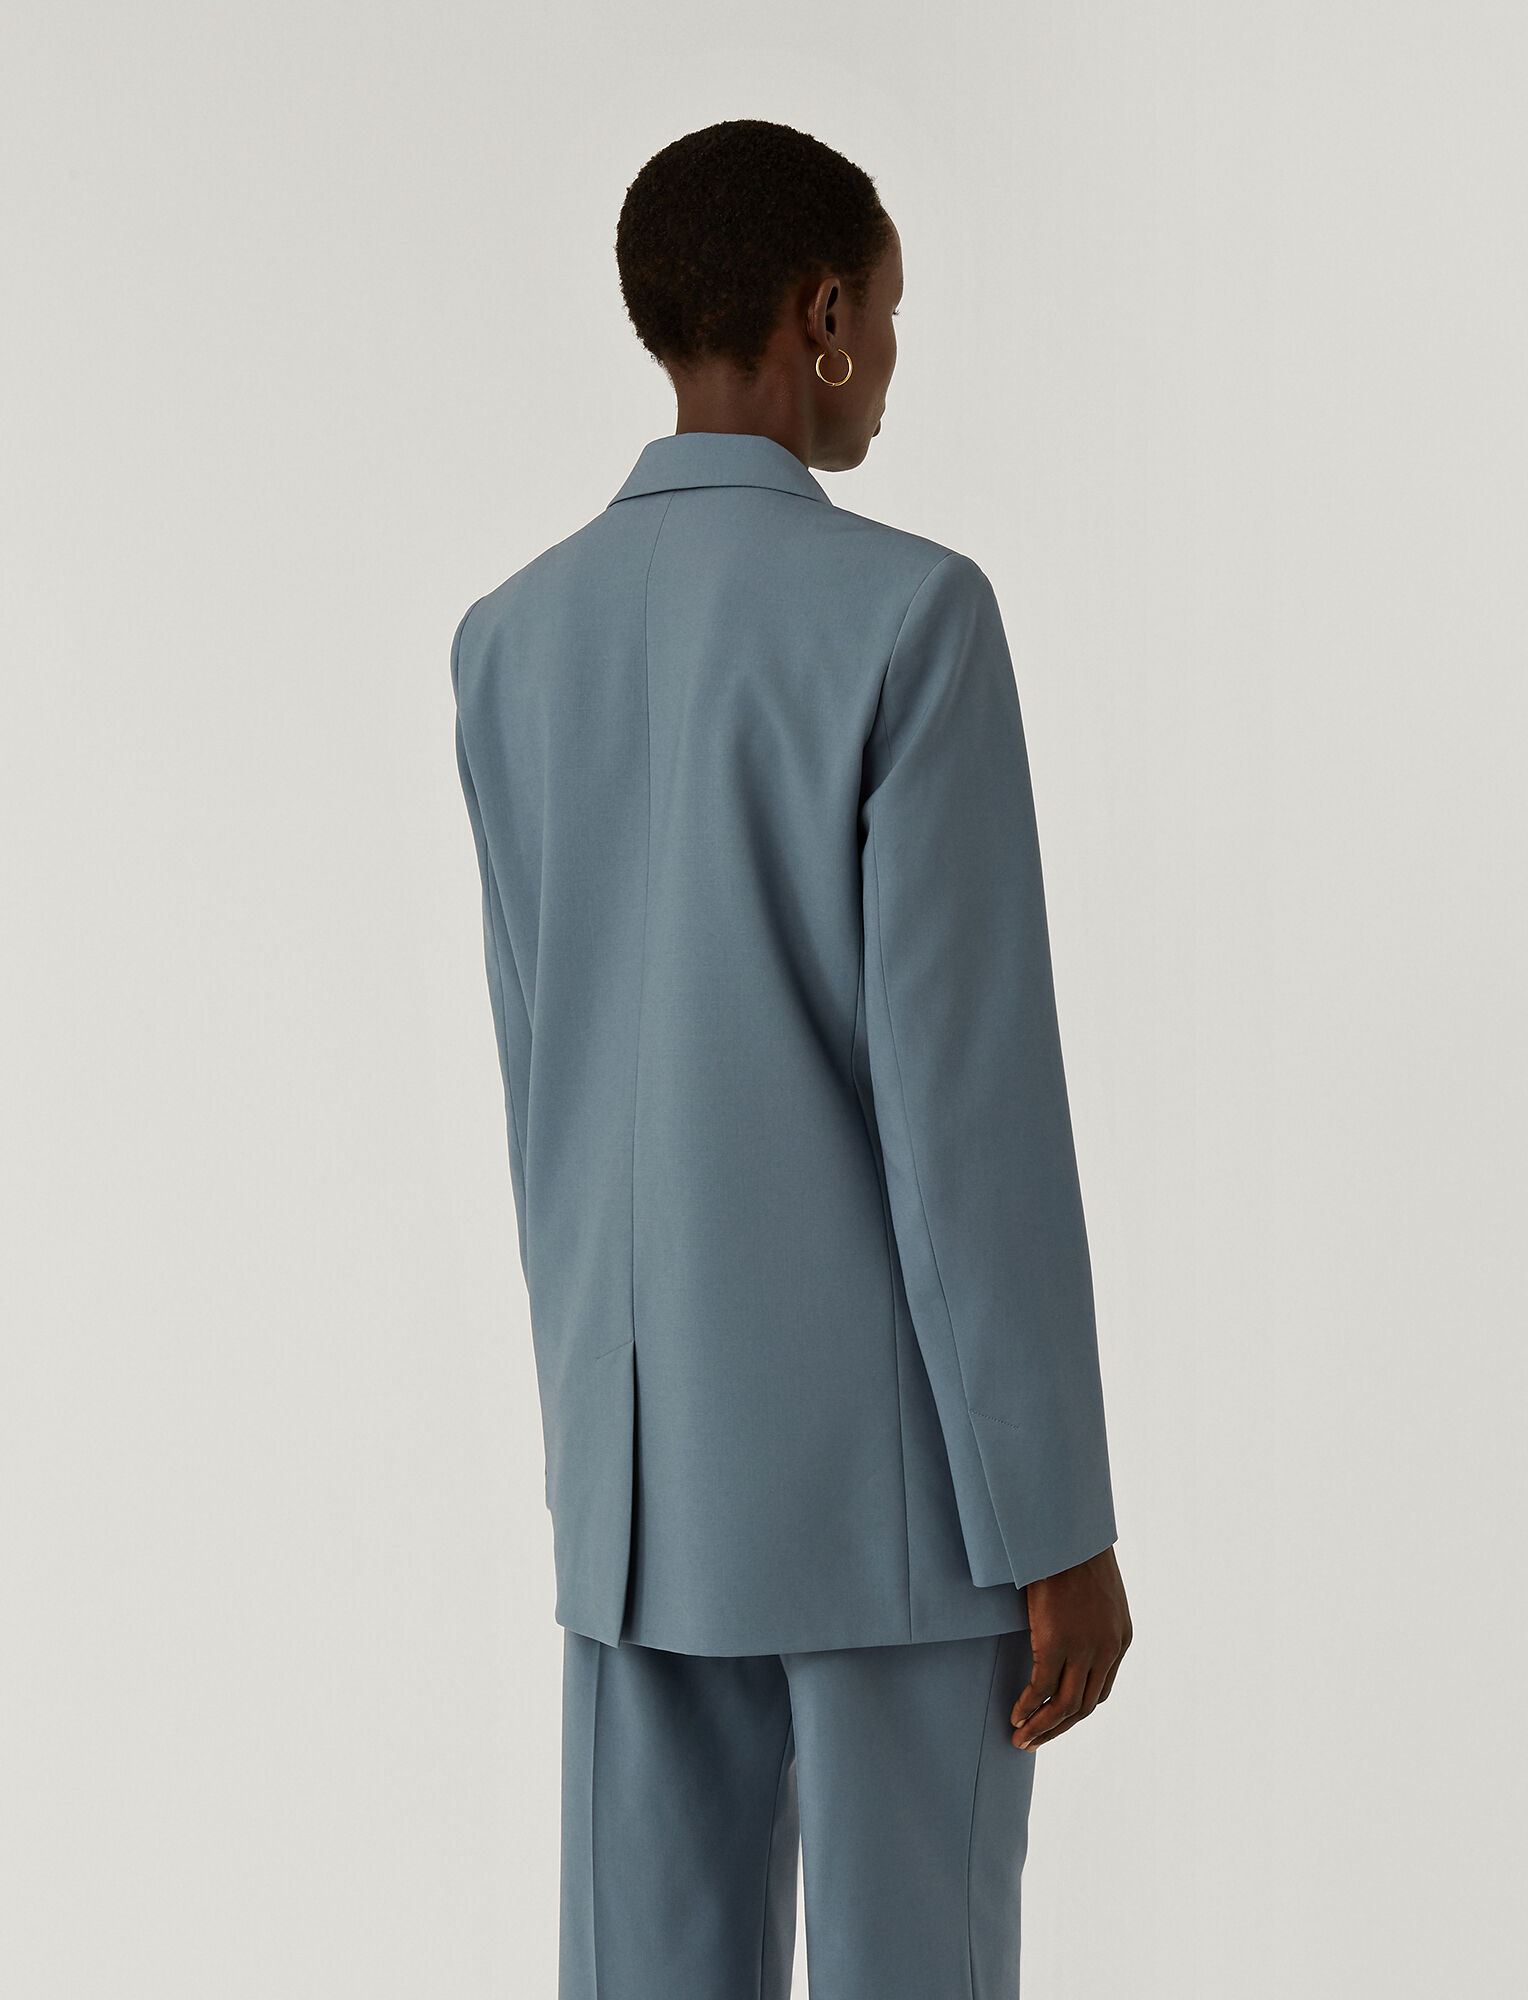 Joseph, Light Wool Suiting Joan Jacket, in BLUE STEEL